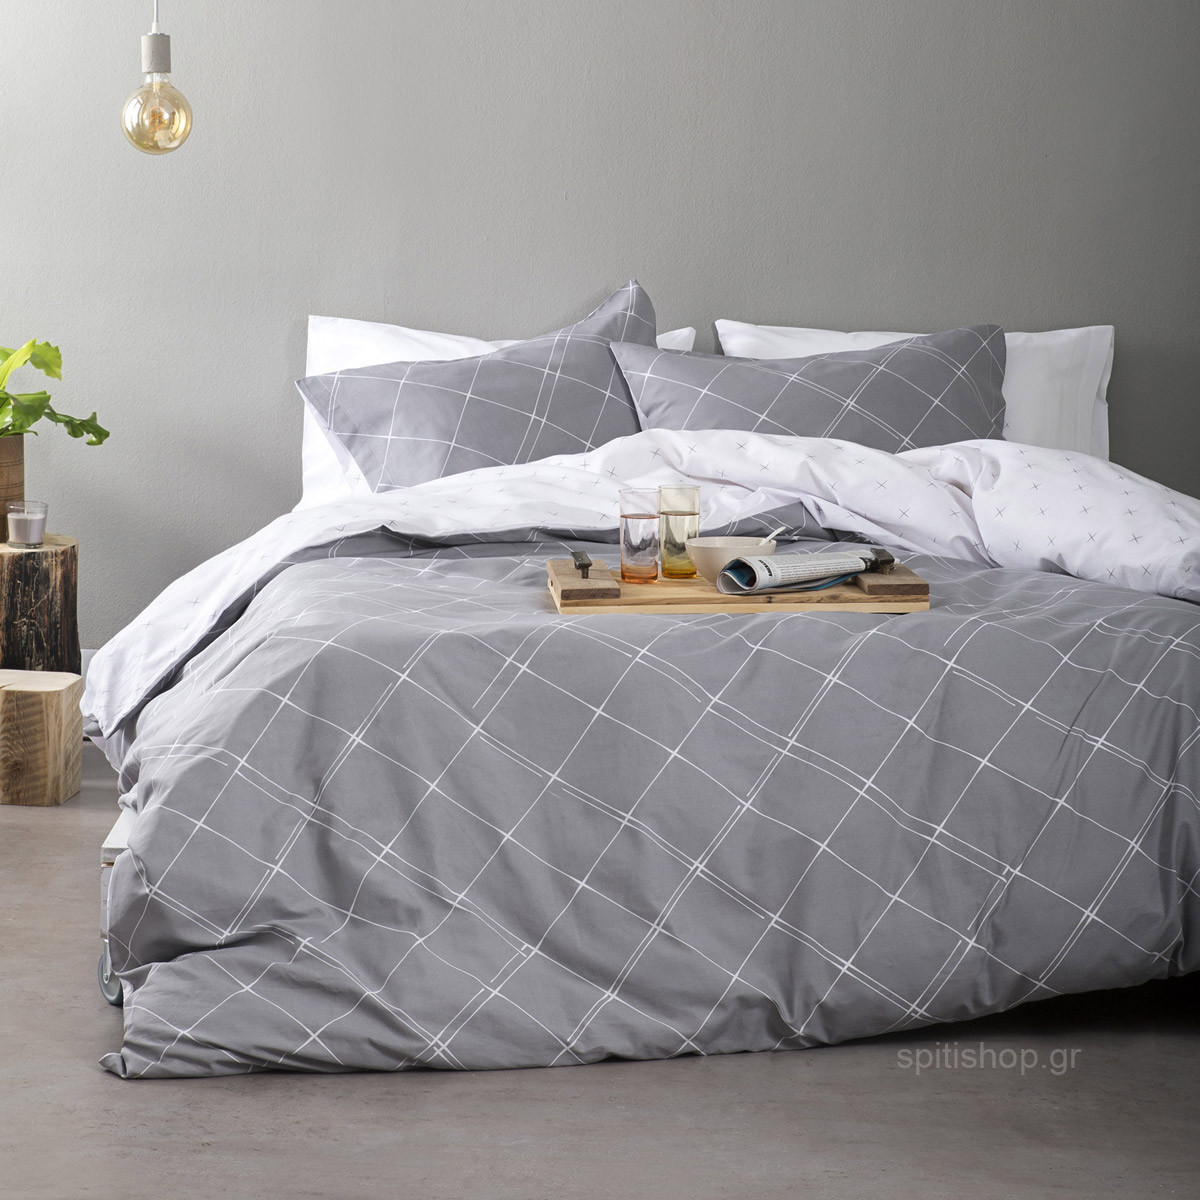 Σεντόνια Μονά (Σετ) Nima Bed Linen Azzora Grey ΧΩΡΙΣ ΛΑΣΤΙΧΟ 170x260 ΧΩΡΙΣ ΛΑΣΤΙ home   κρεβατοκάμαρα   σεντόνια   σεντόνια μονά